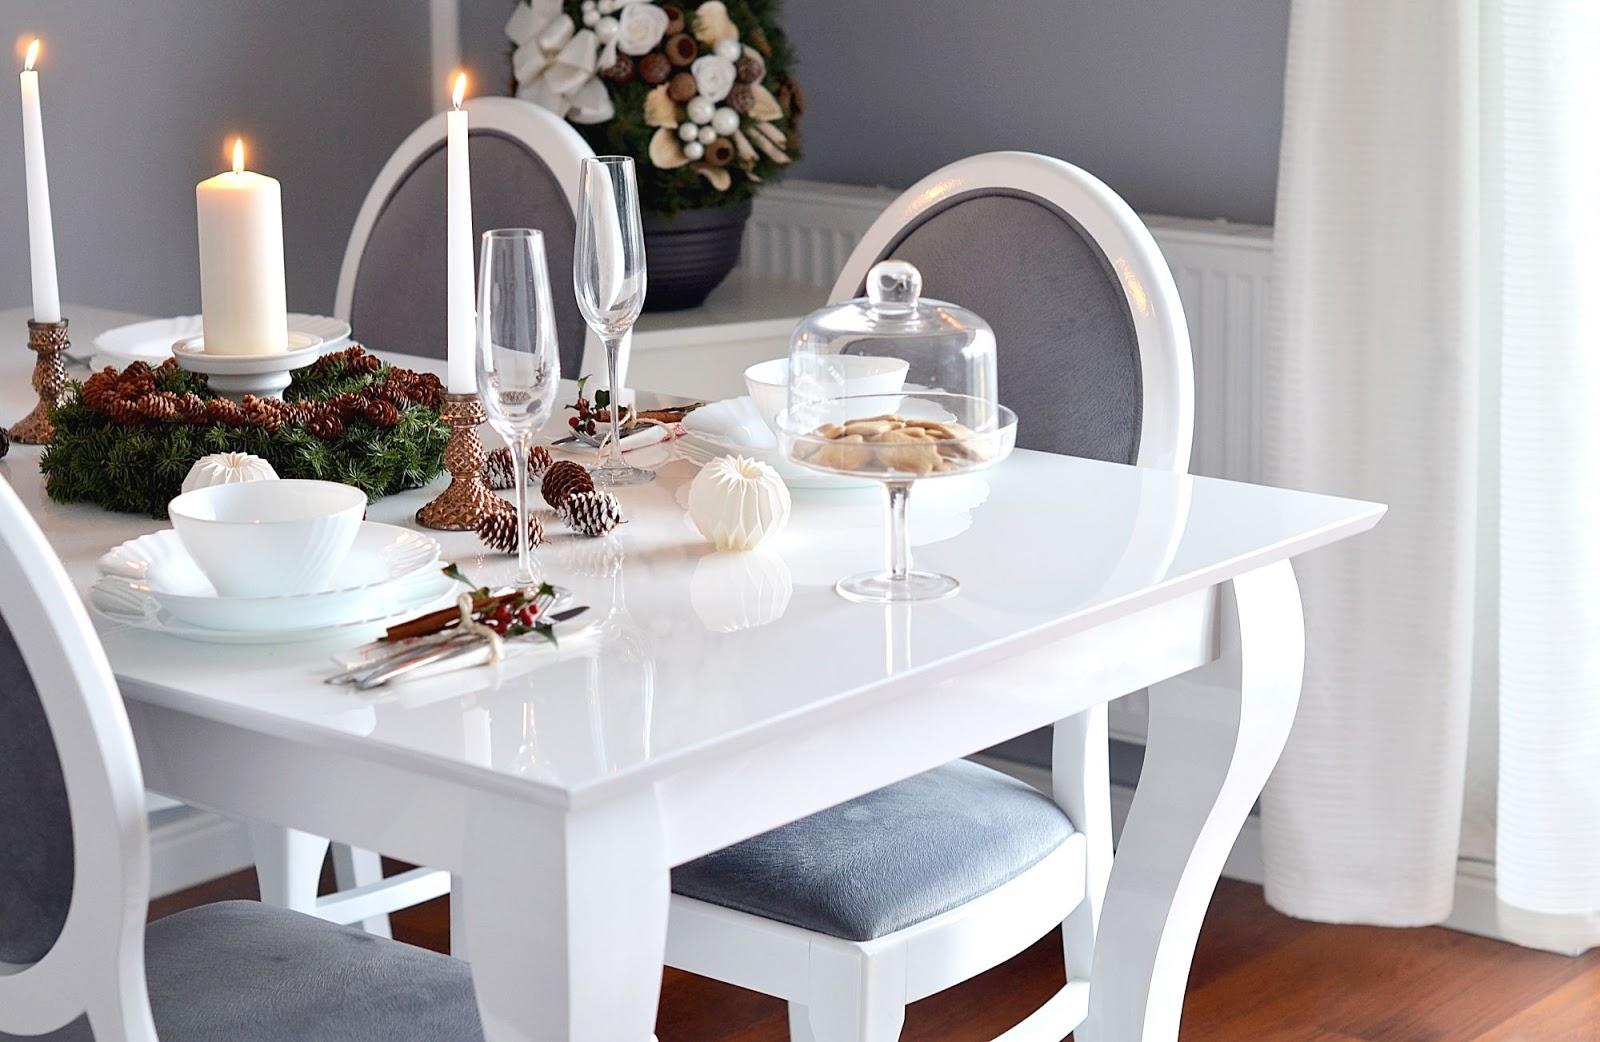 stol swiateczny | swieta | dekoracje